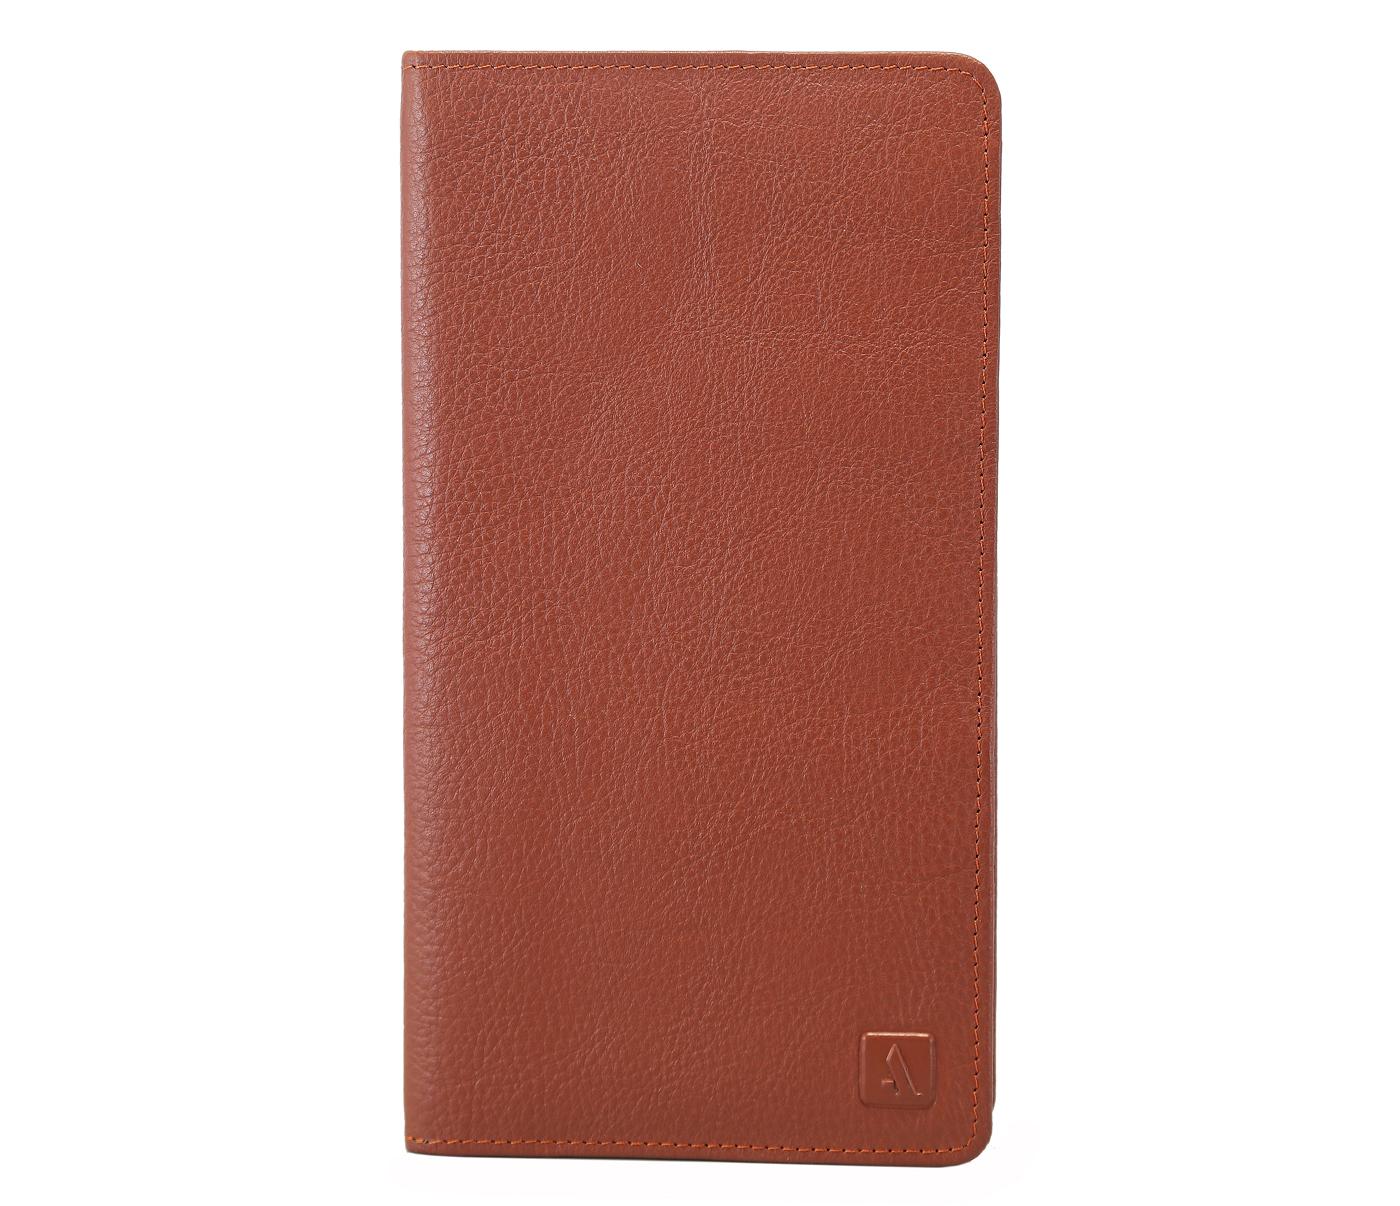 Wallet - W85